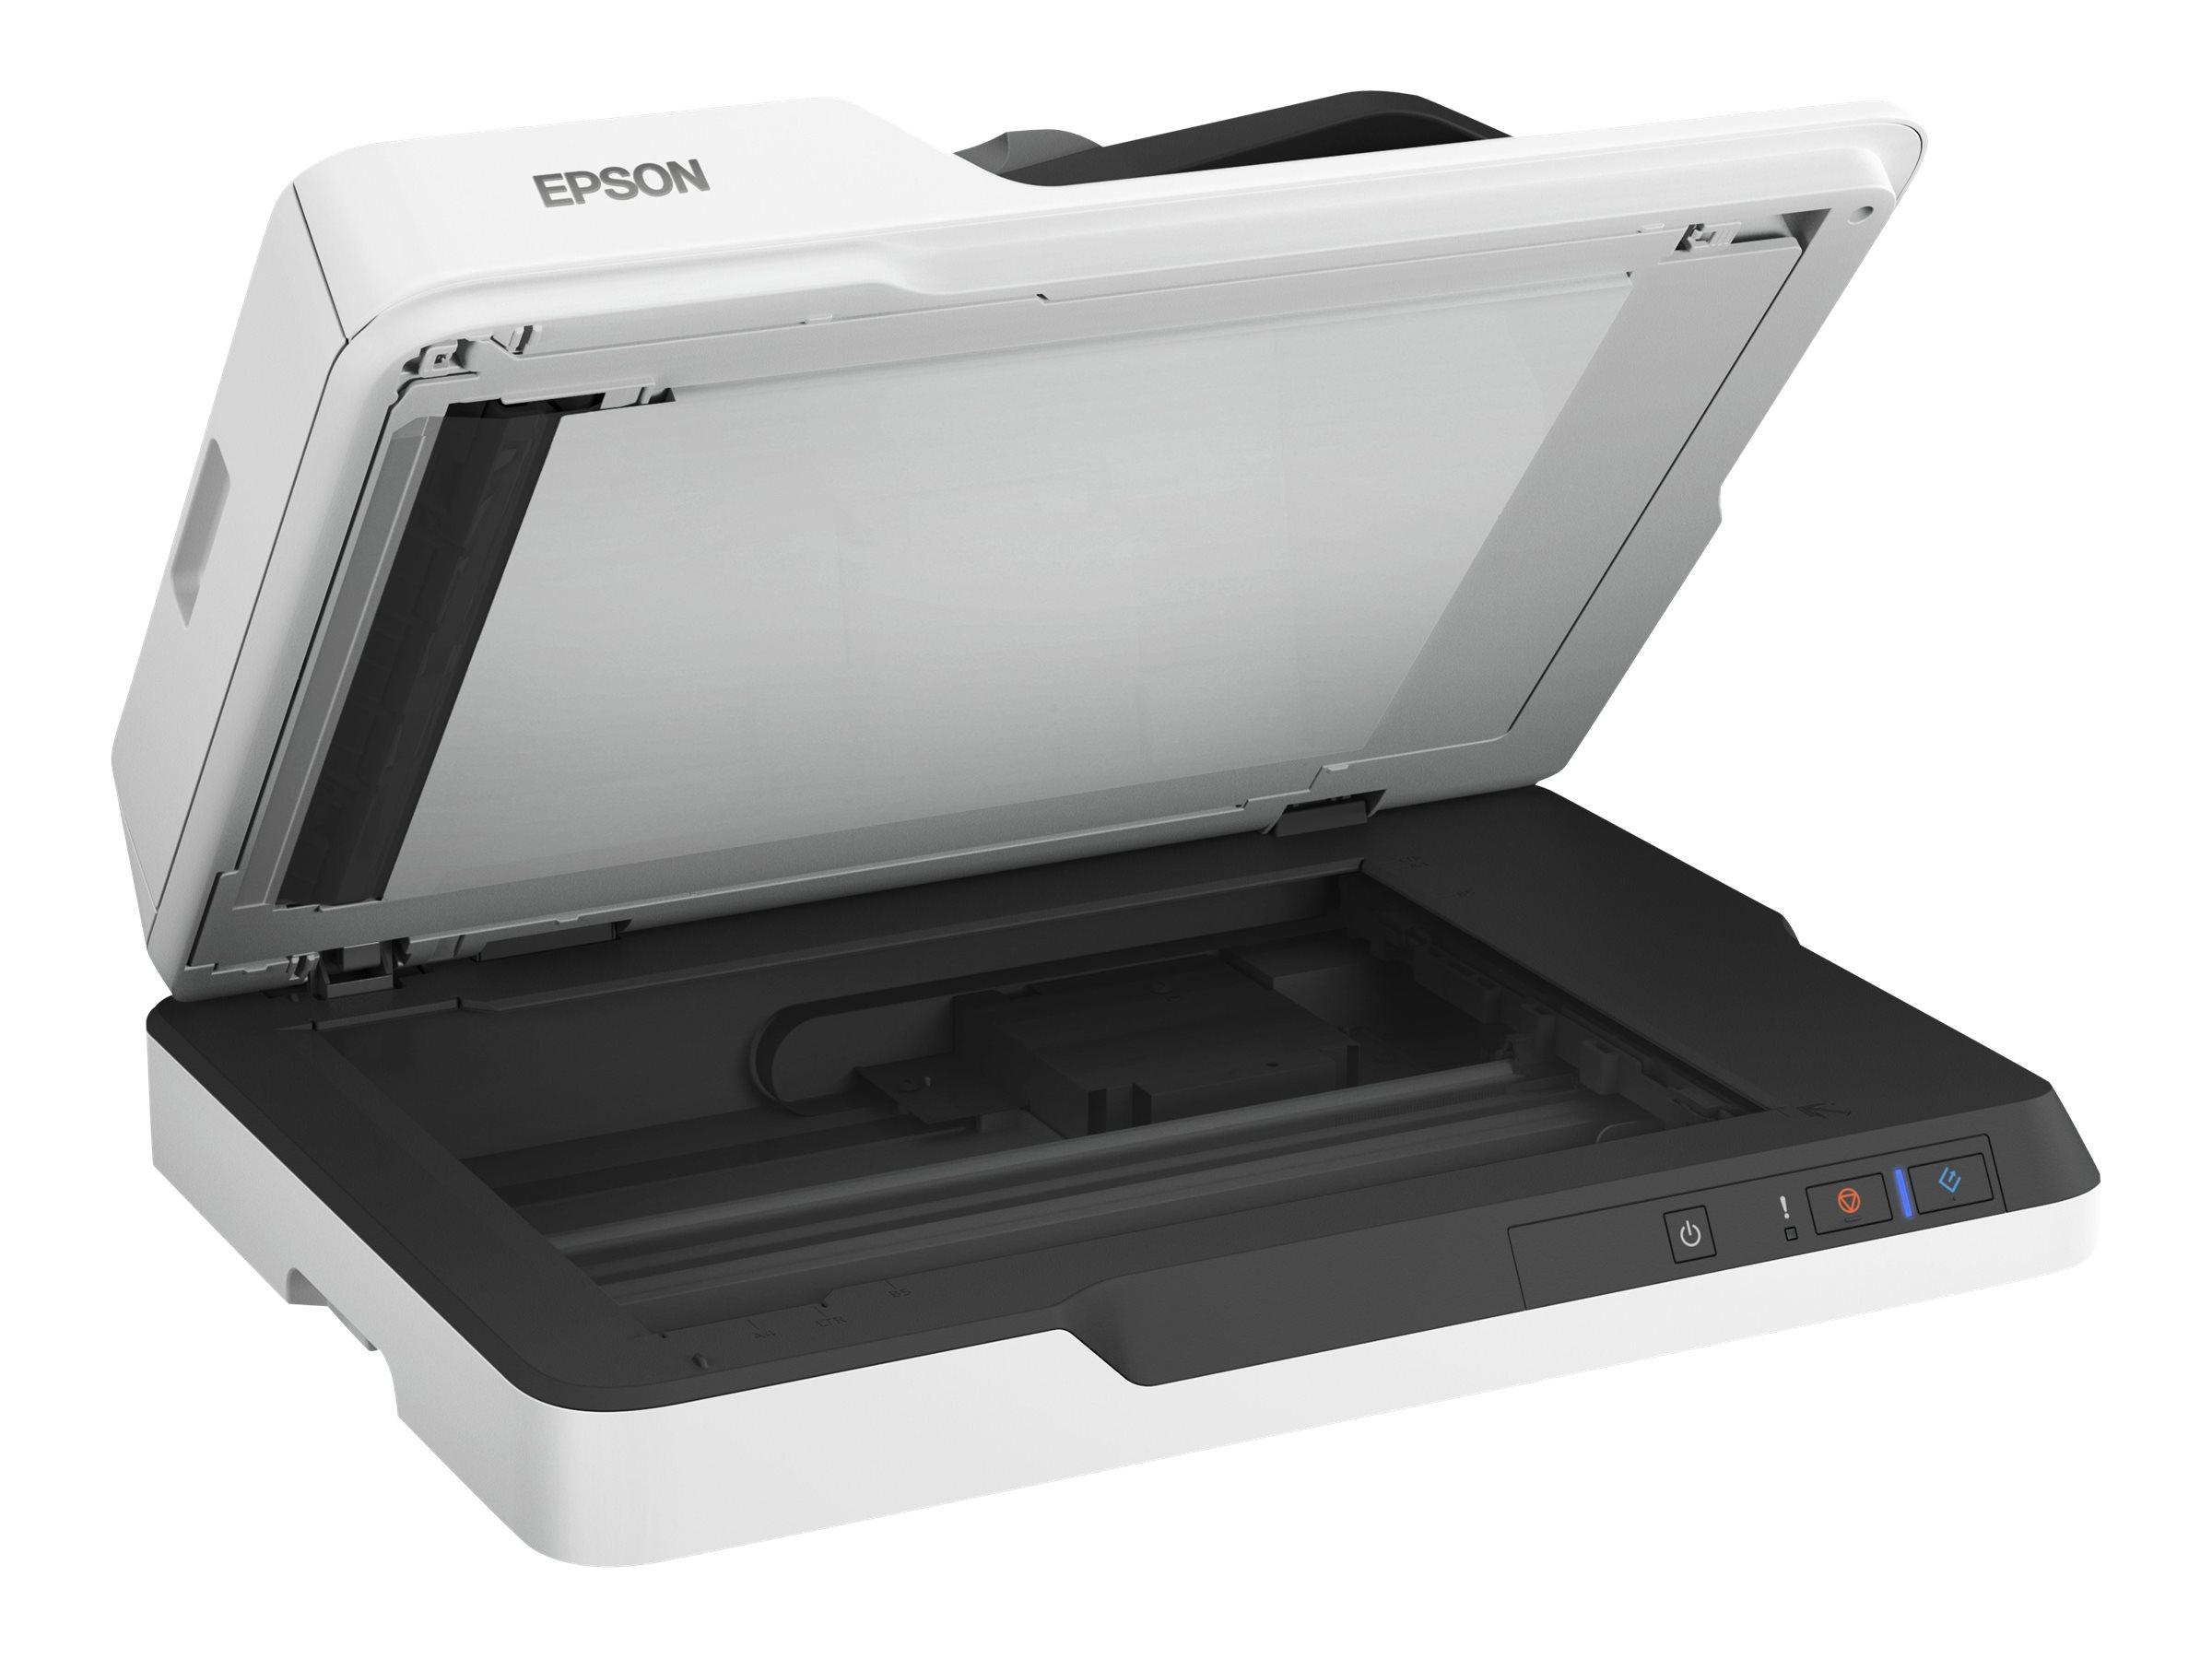 Workforce ds 1630 dokumentenscanner duplex a4 1200 dpi x 1200 dpi bis zu 25 seiten min einfarbig bis zu 25 seiten min farbe 6288141 b11b239401